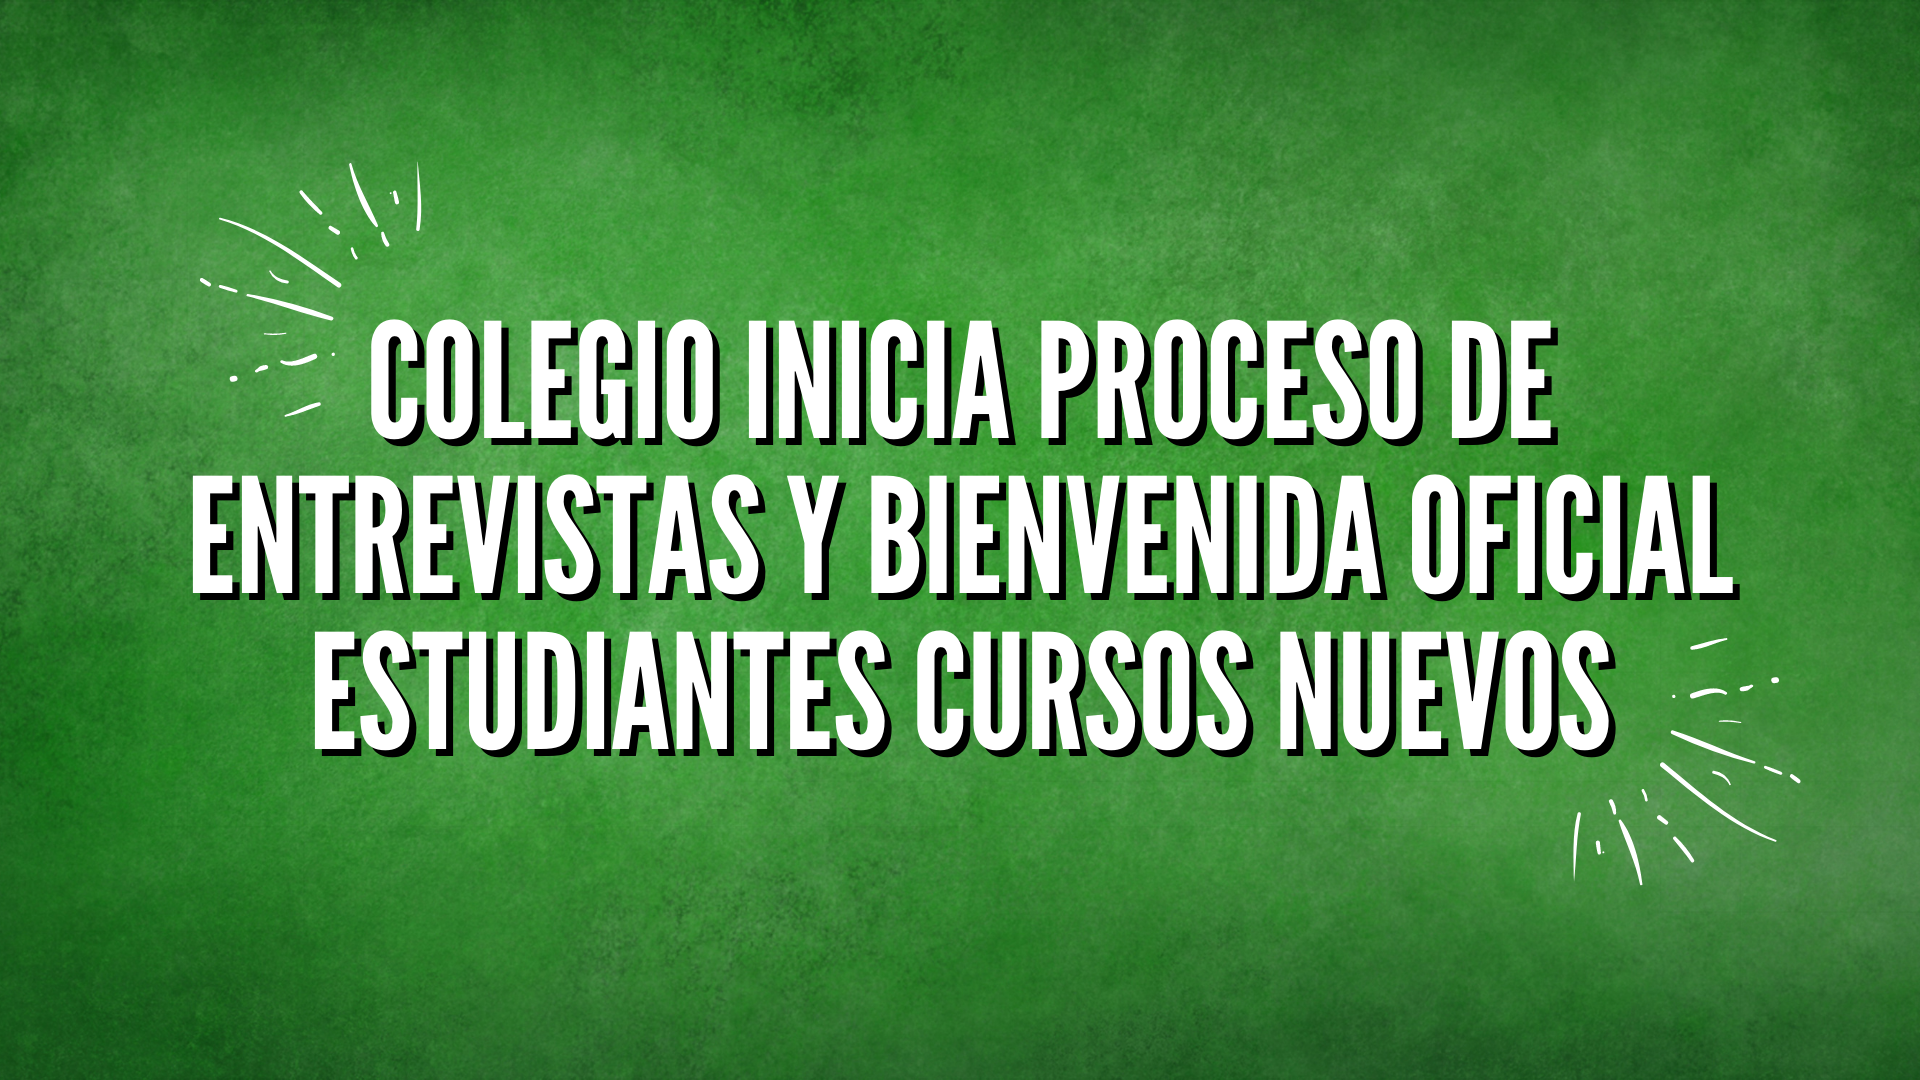 COLEGIO INICIA PROCESO DE ENTREVISTAS Y BIENVENIDA OFICIAL ESTUDIANTES CURSOS NUEVOS